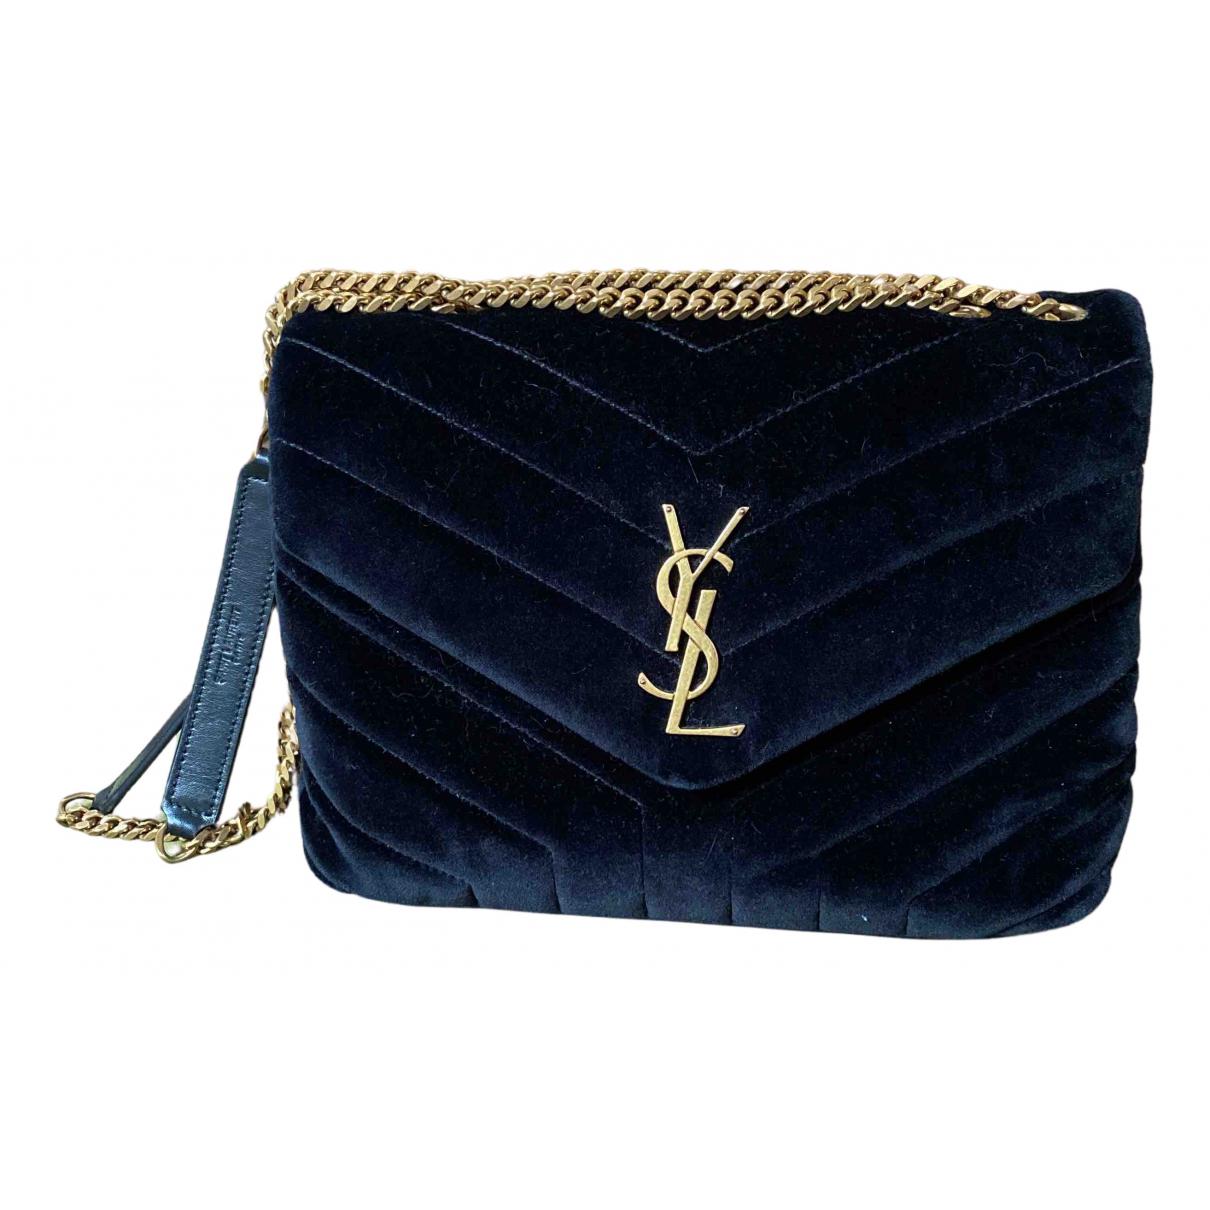 Saint Laurent Loulou Black Velvet handbag for Women N